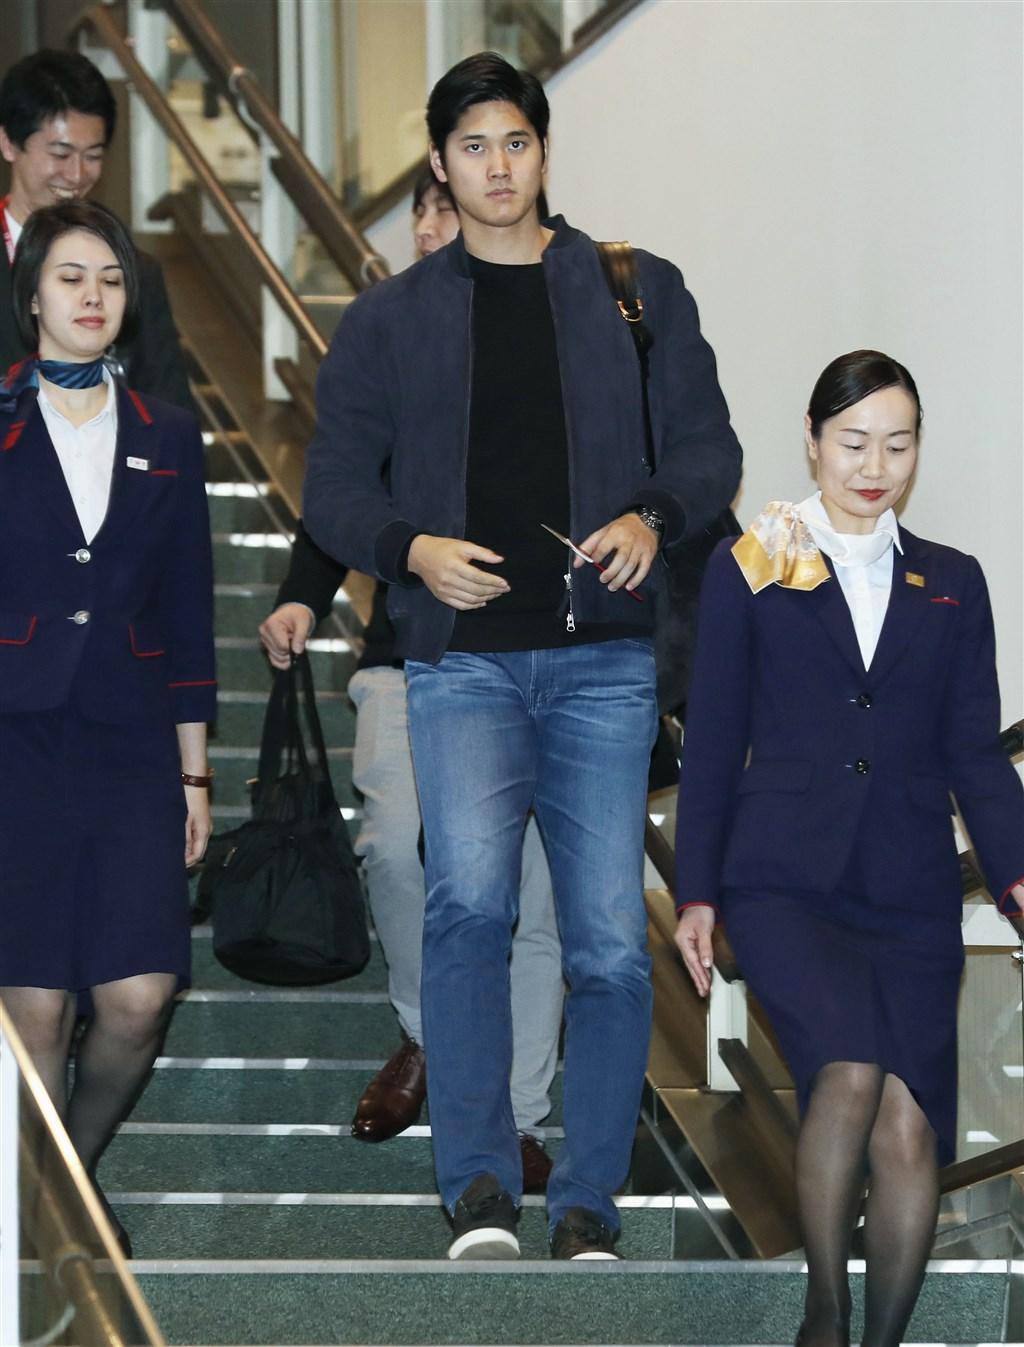 球星大谷翔平一身休閒裝扮,深色外套搭配牛仔褲,日本時間21日晚間於東京成田機場搭機返美。(共同社提供)